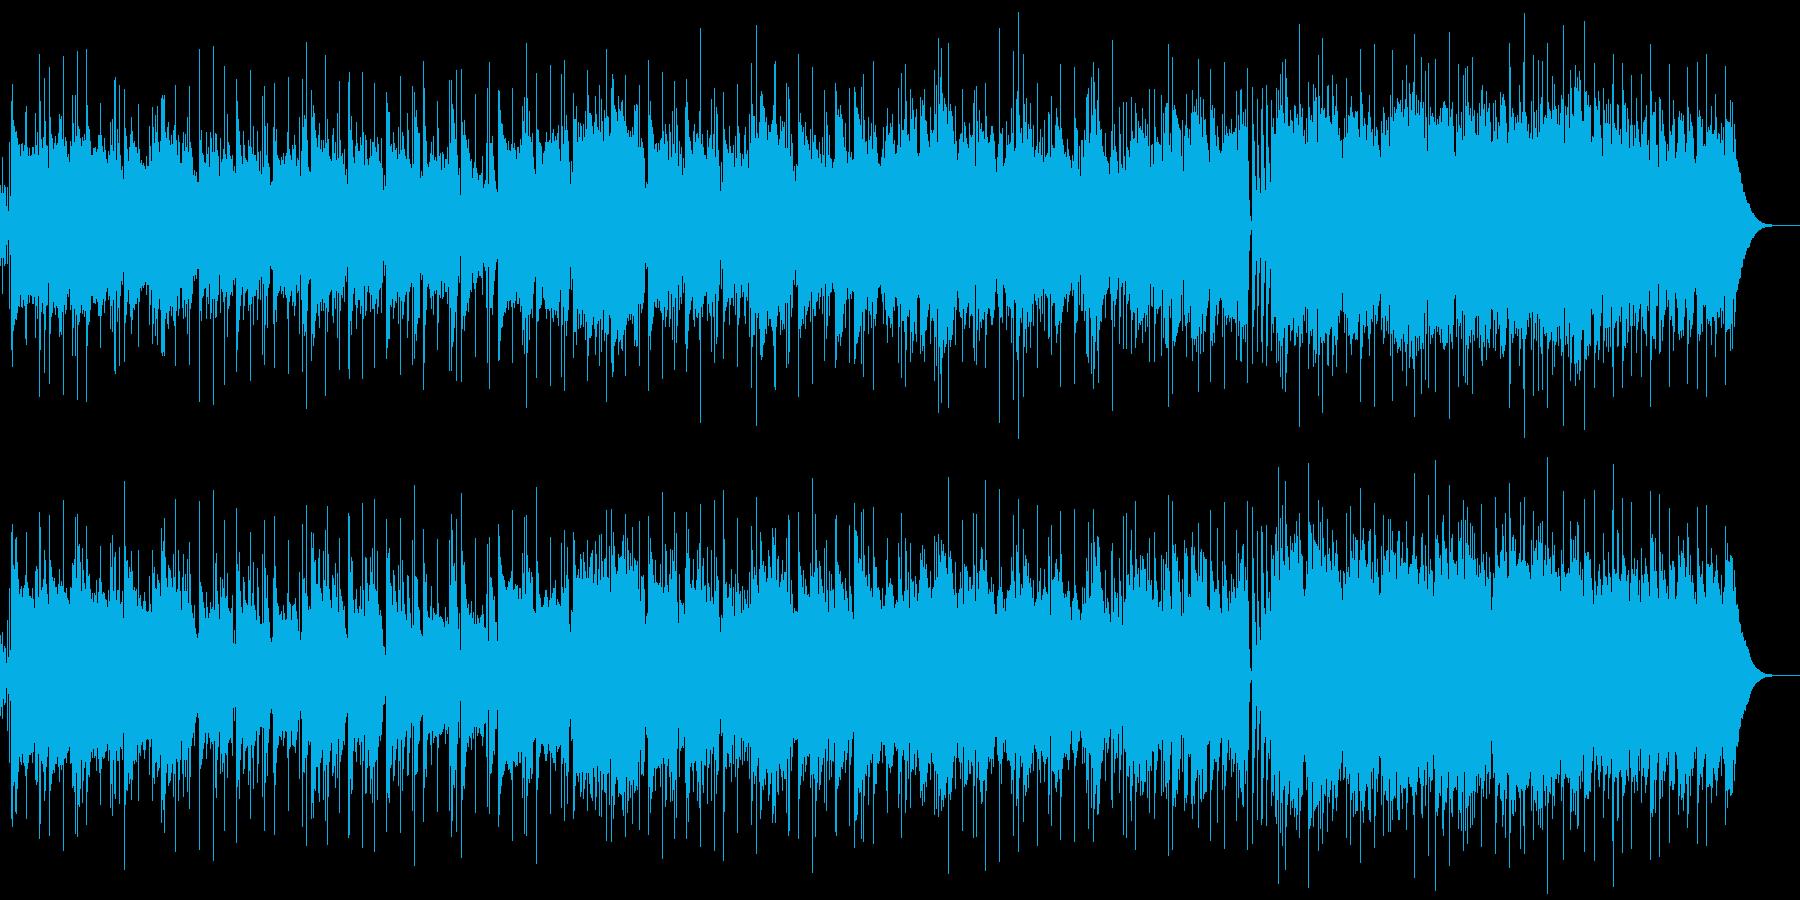 ギター生演奏アメリカンPOPSカントリーの再生済みの波形